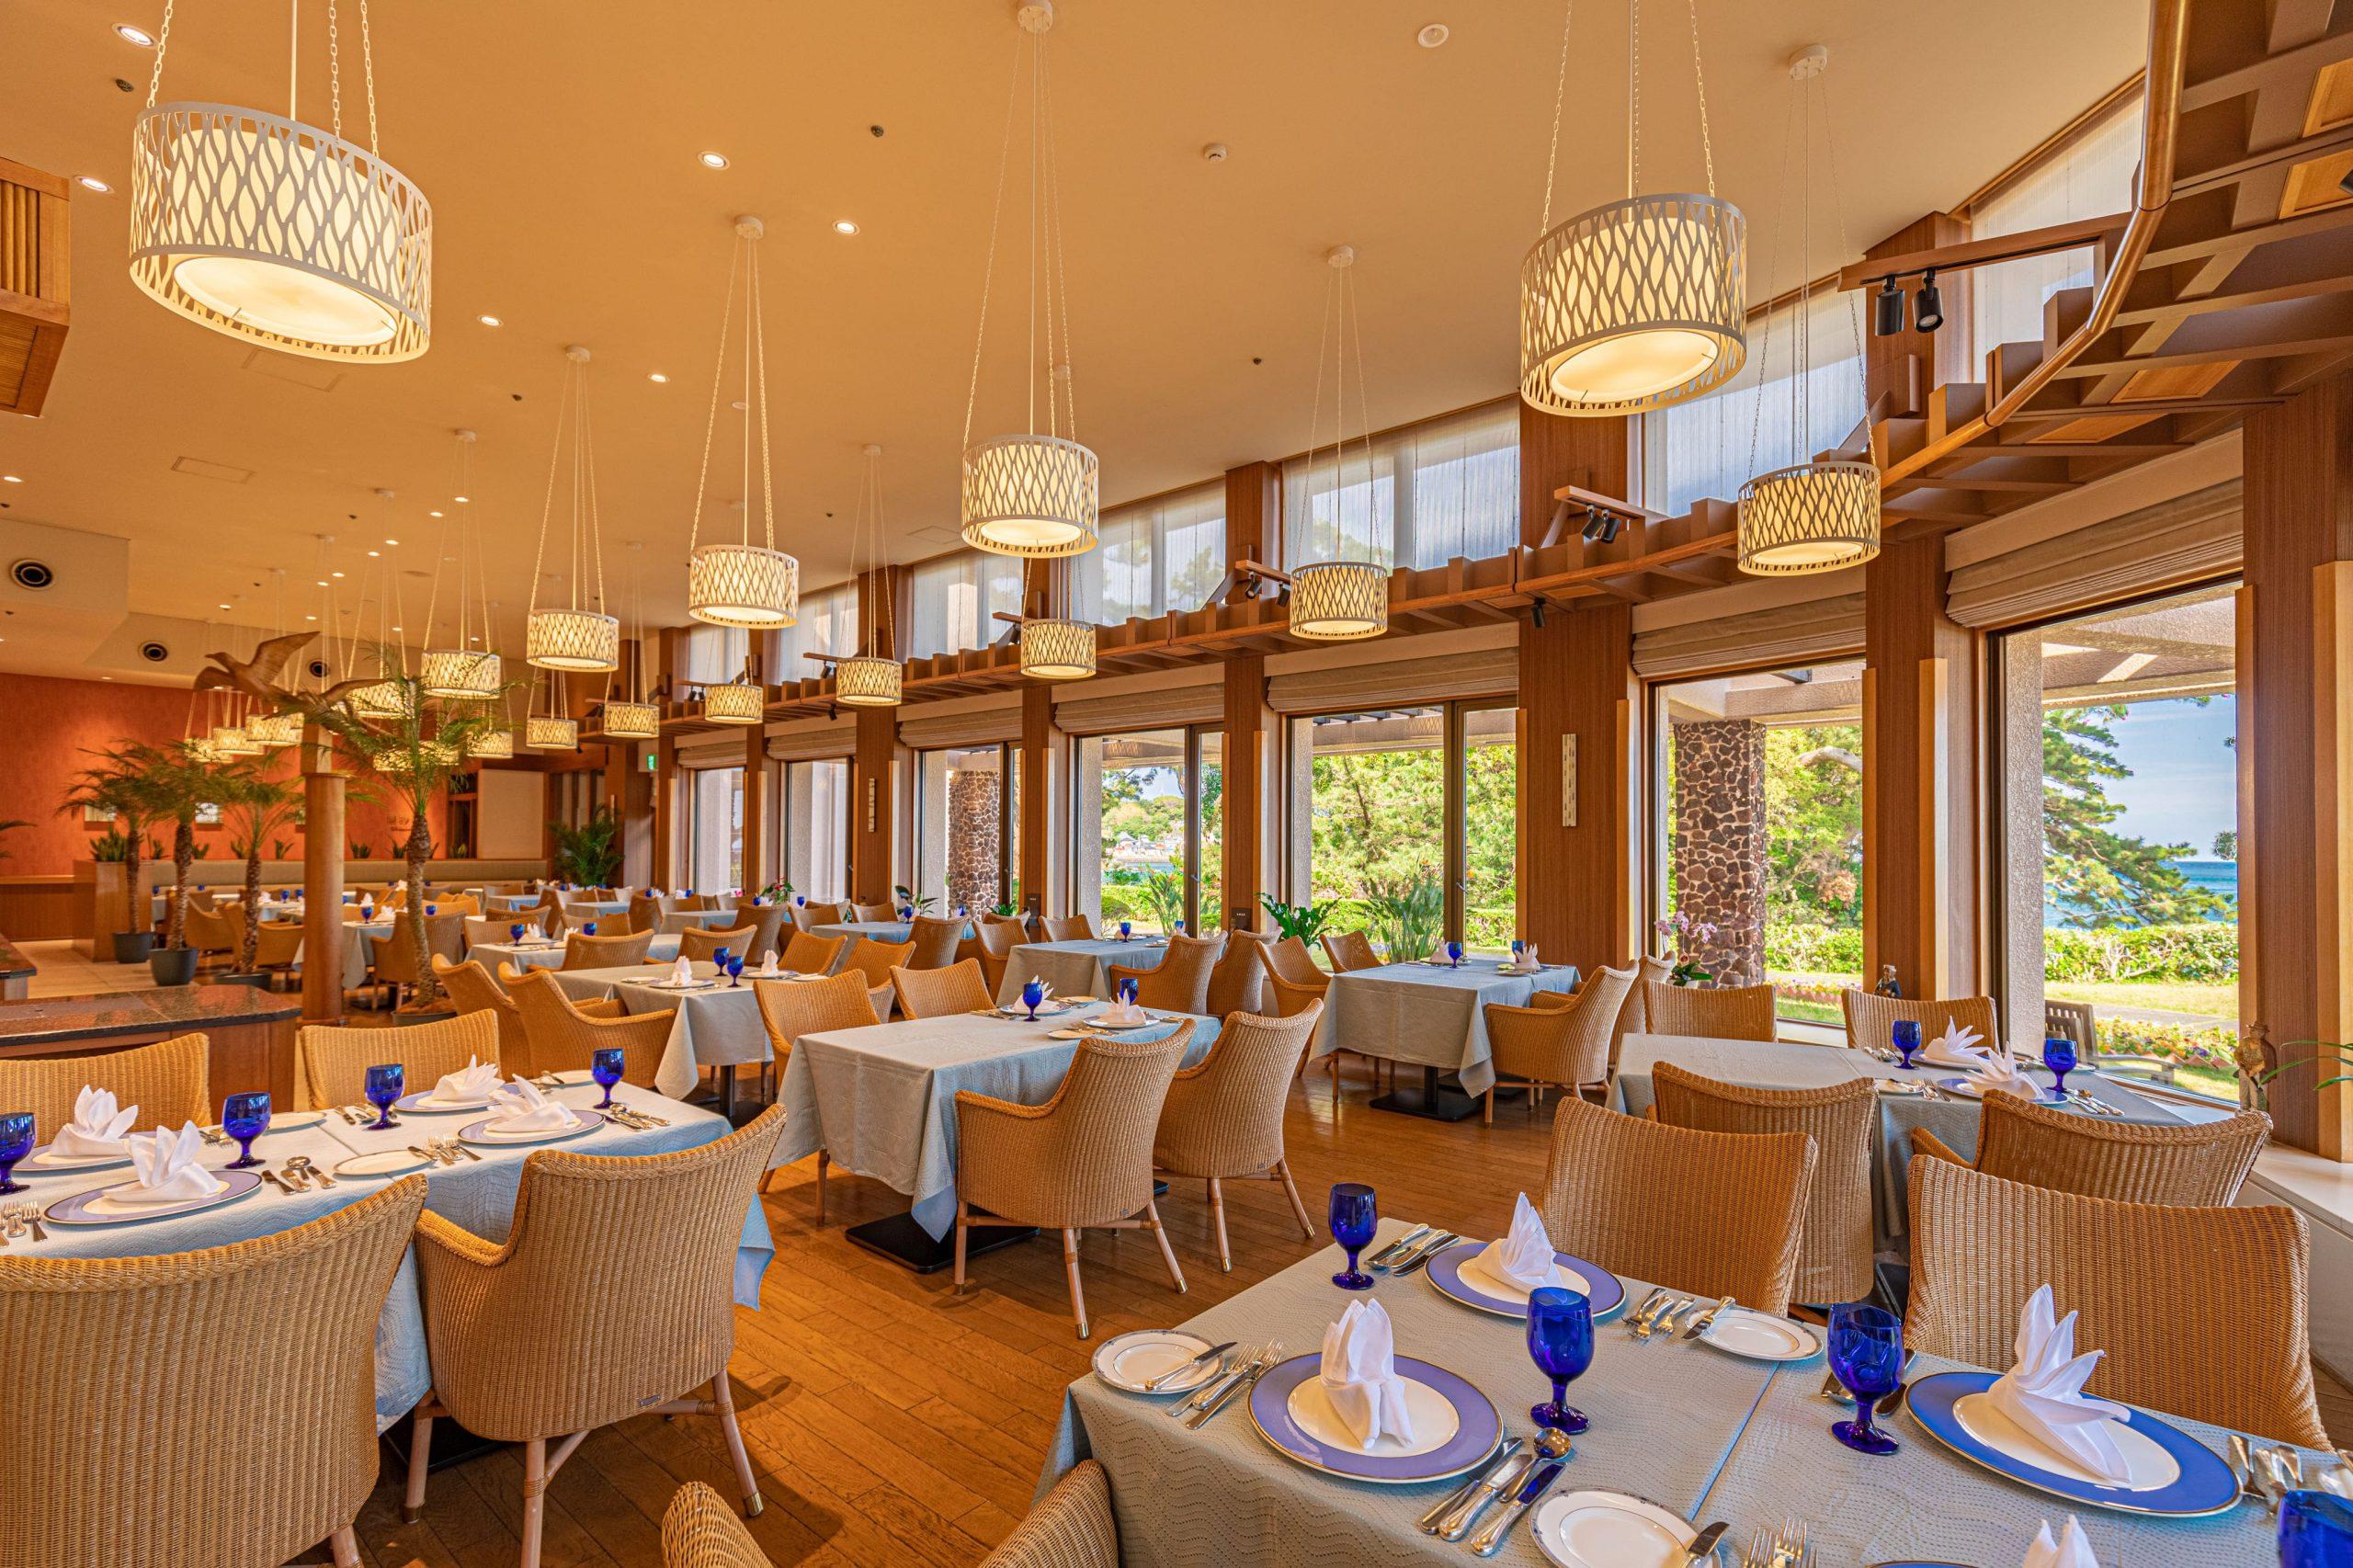 レストラン・メレシー 明るく開放感溢れる店内。窓の外には海辺の美しい風景が広がっています。ディナータイムには彩り鮮やかな今井浜風フレンチを。朝食、ランチタイムには様々な趣向をこらしたメニューをご用意しています